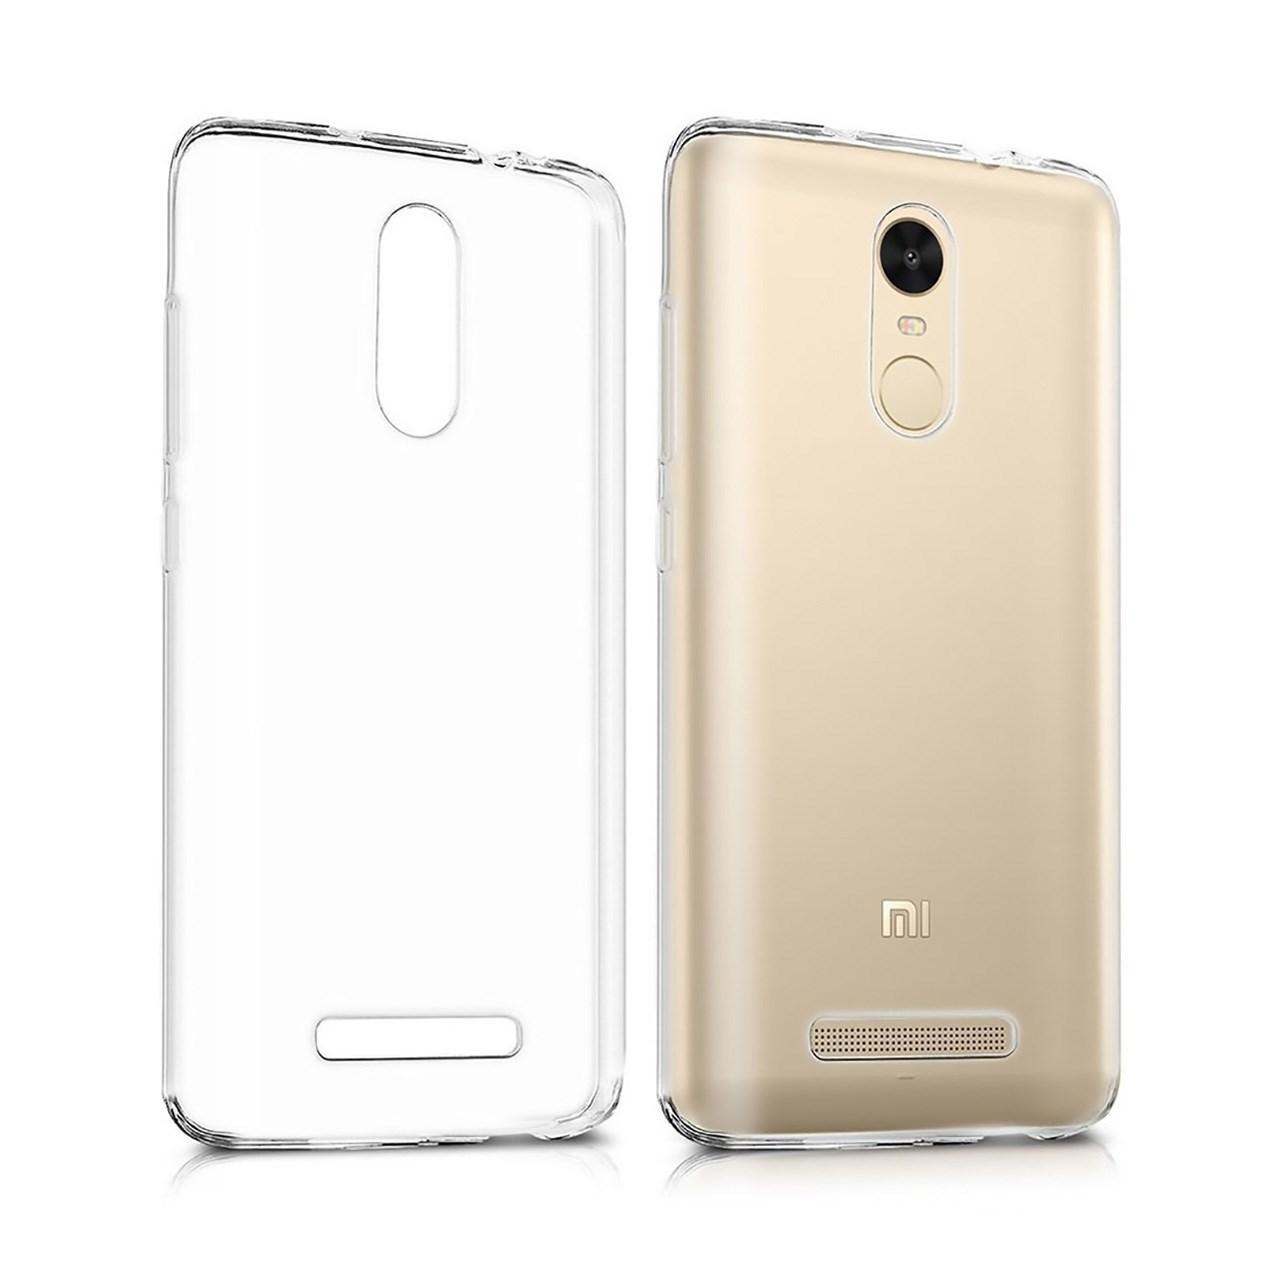 قاب ژله ای شیشه ای مناسب برای گوشی موبایل Xiaomi Redmi Note 3